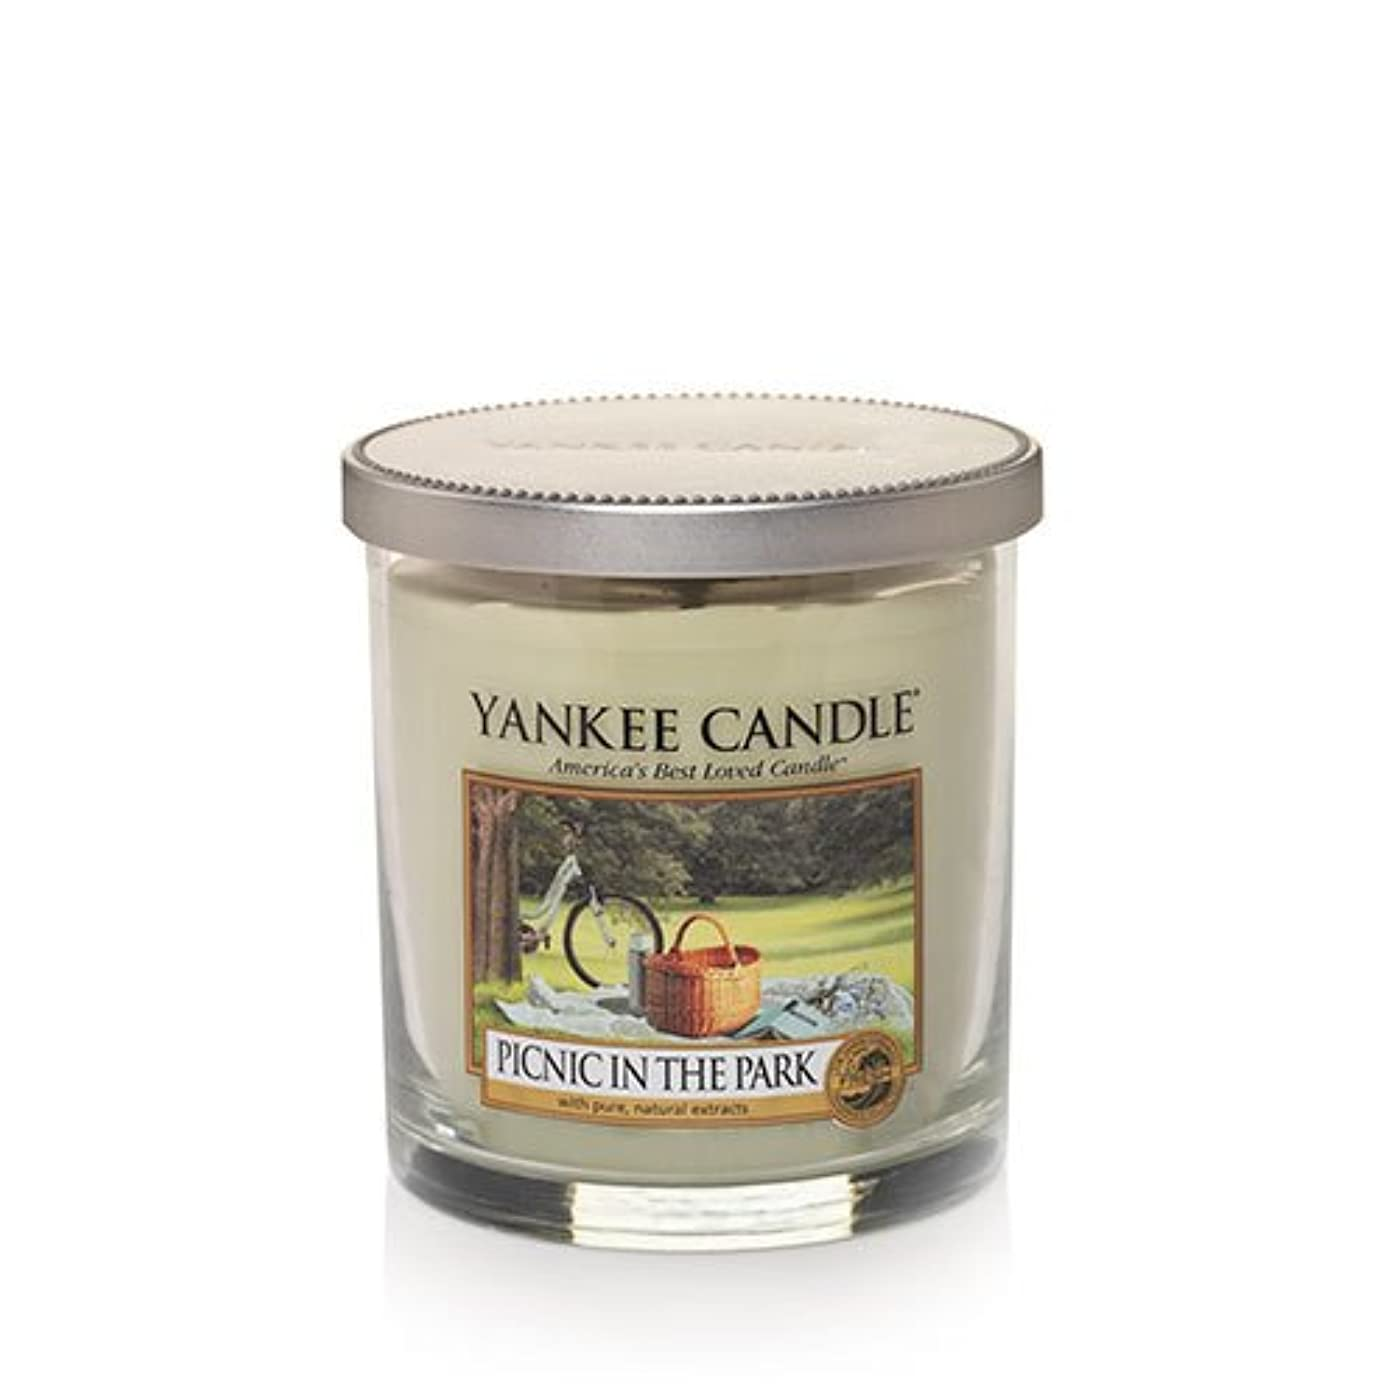 ブラシ司教テニスYankee Candleピクニック公園で、新鮮な香り Small Tumbler Candles 1323009-YC